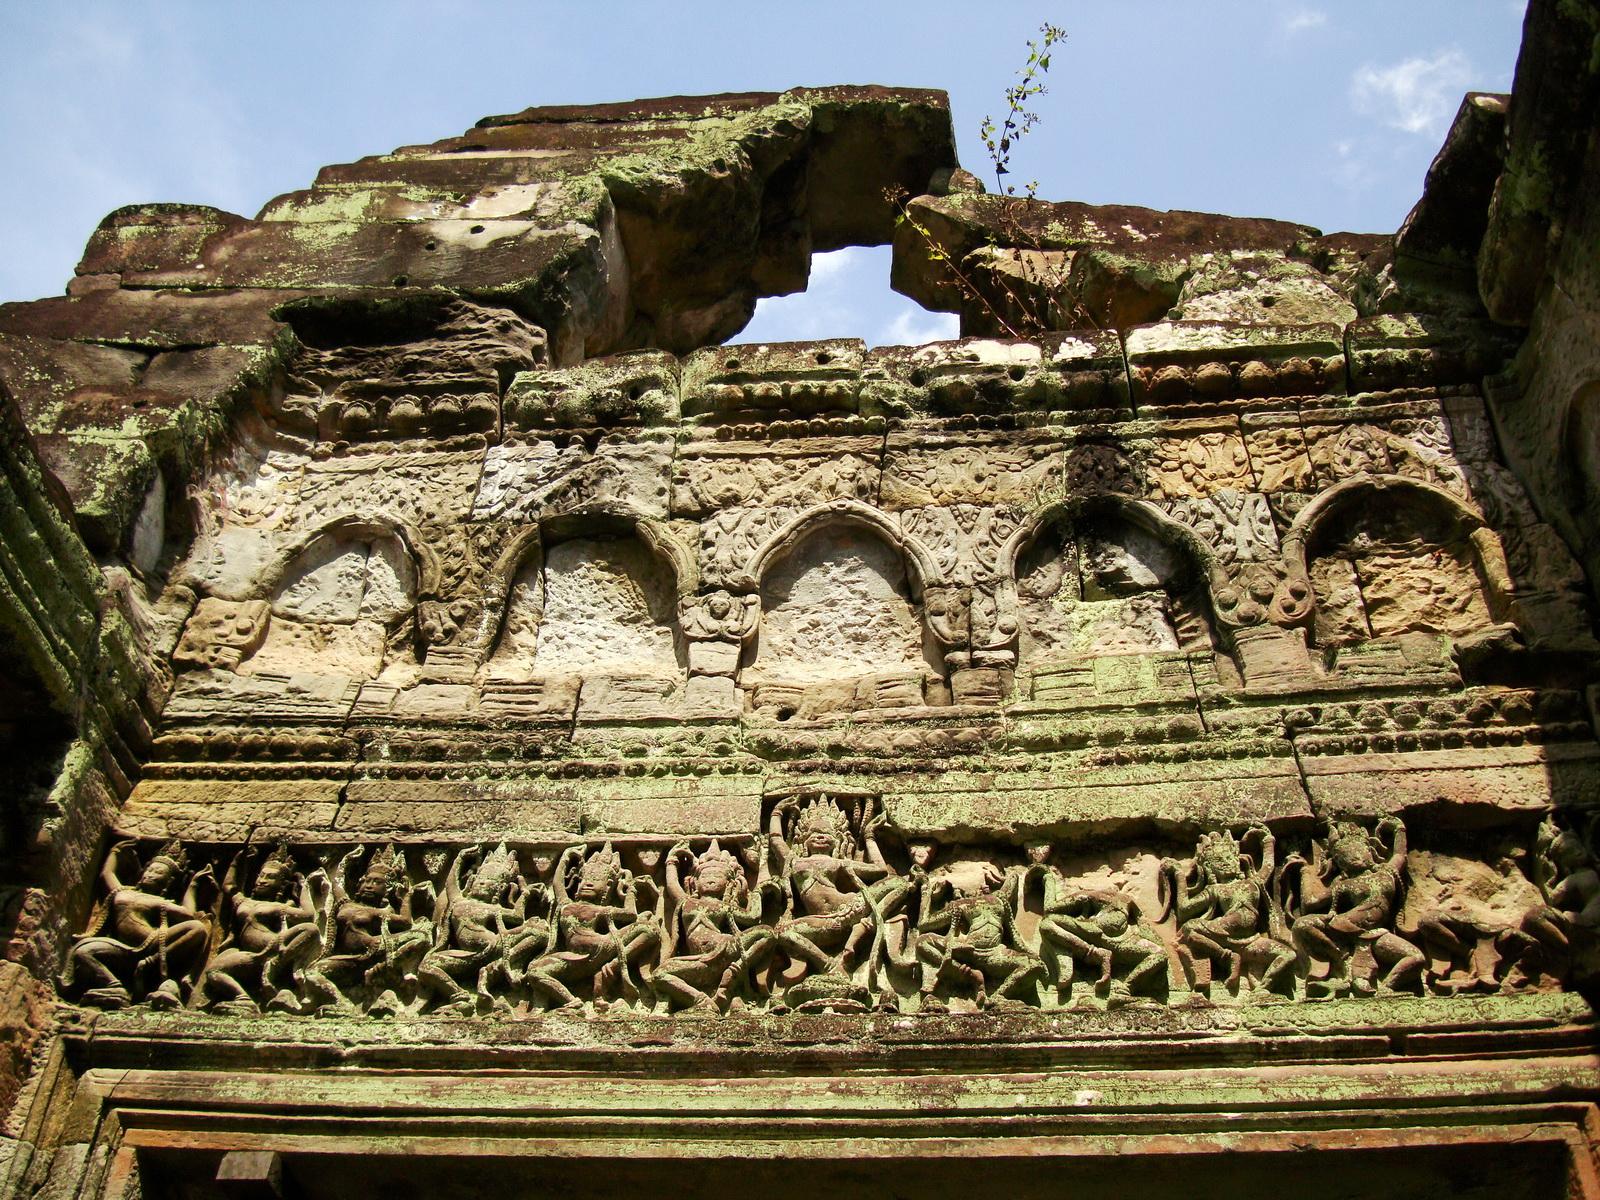 Preah Khan Temple Bas relief dancing Apsaras hall of dancers 09